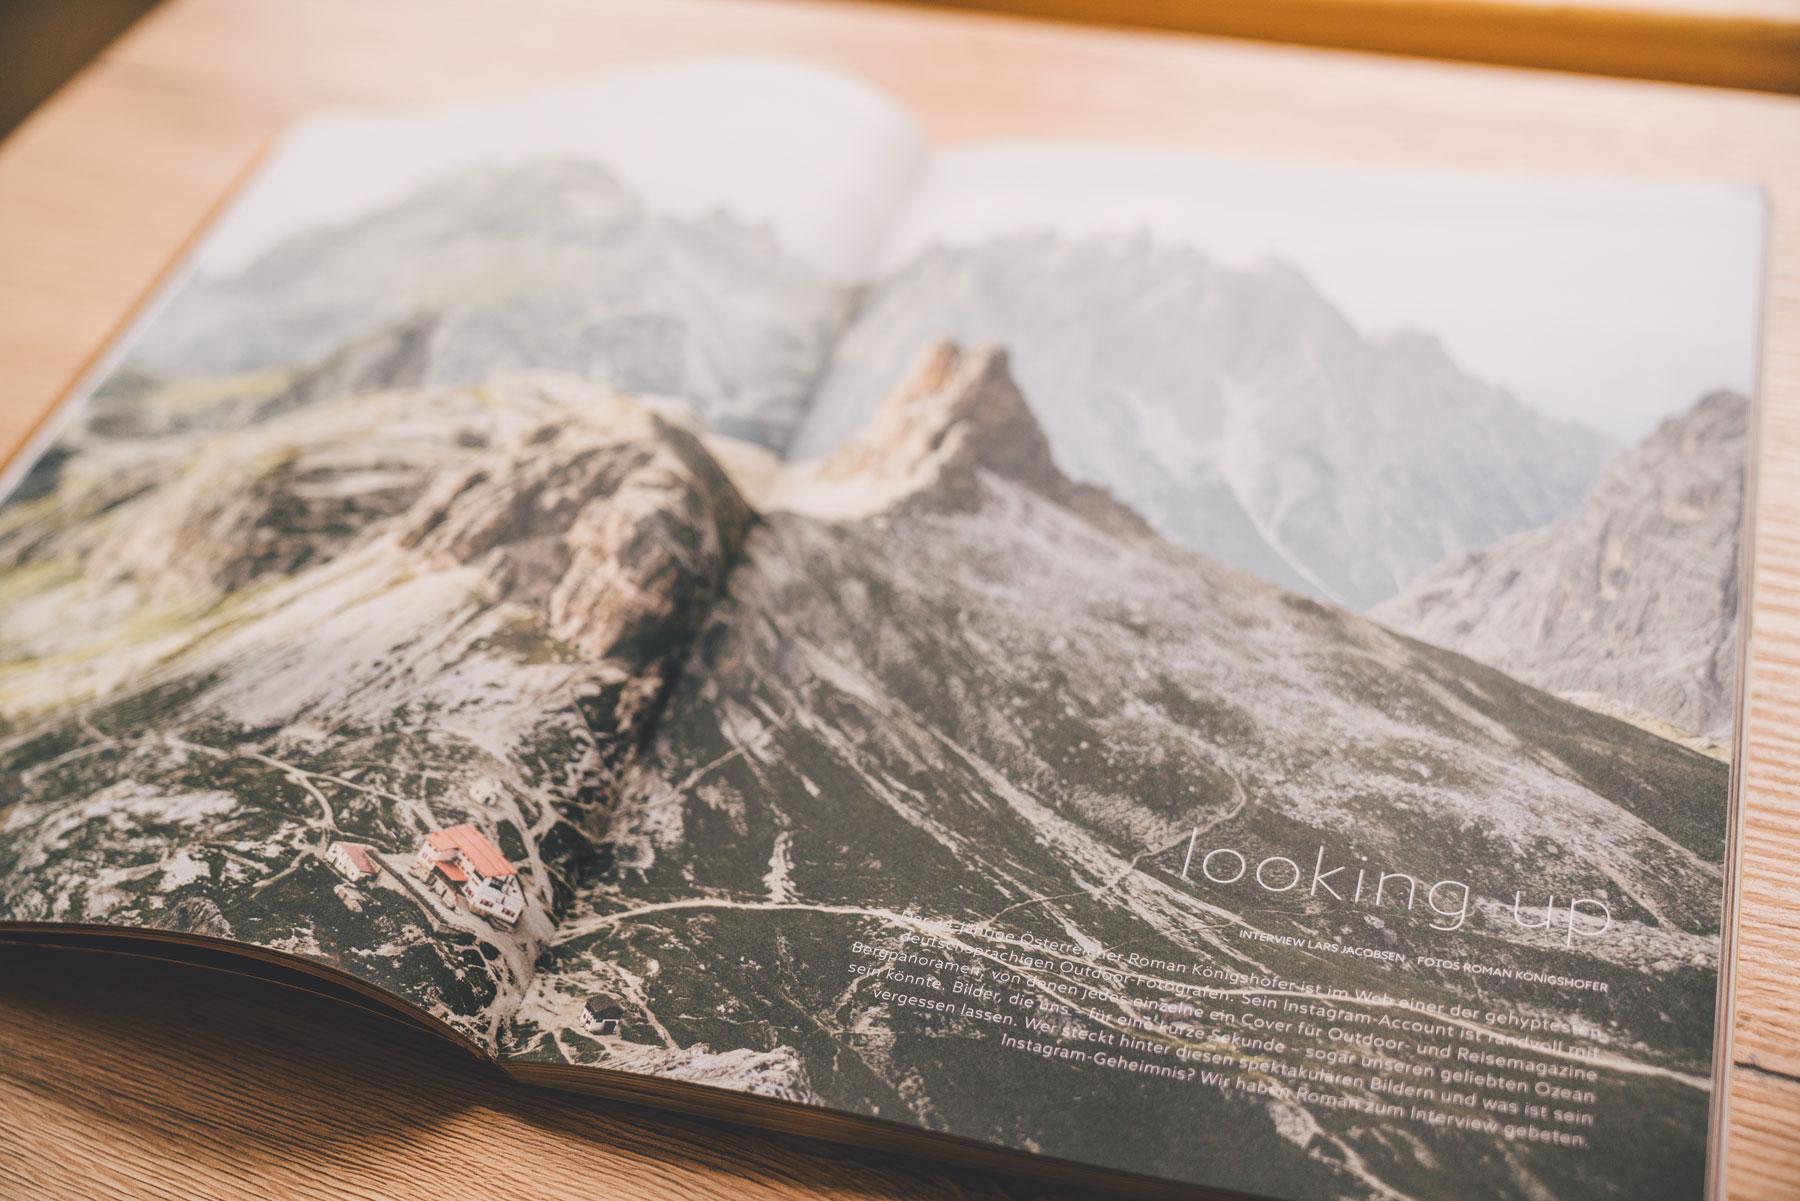 RomanKoenigshofer_WavesAndWoods_Magazine_Surf_Outdoor_Travel_Interview_Photographer_DSC04755